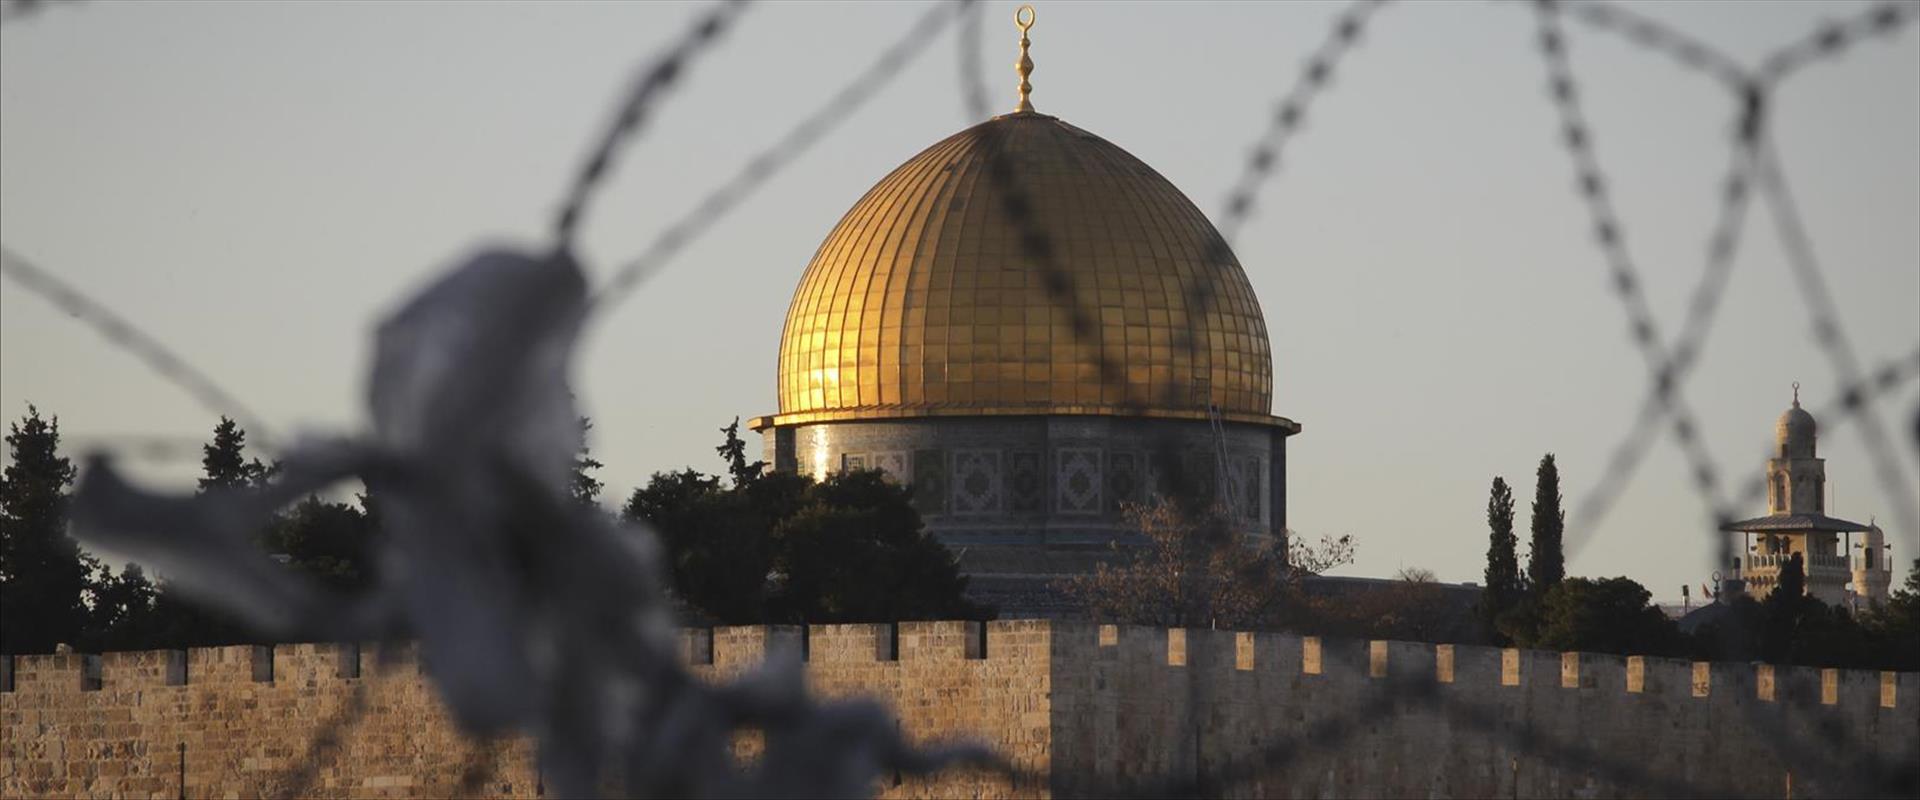 גדר תיל באזור הר הבית בירושלים, ב-2014